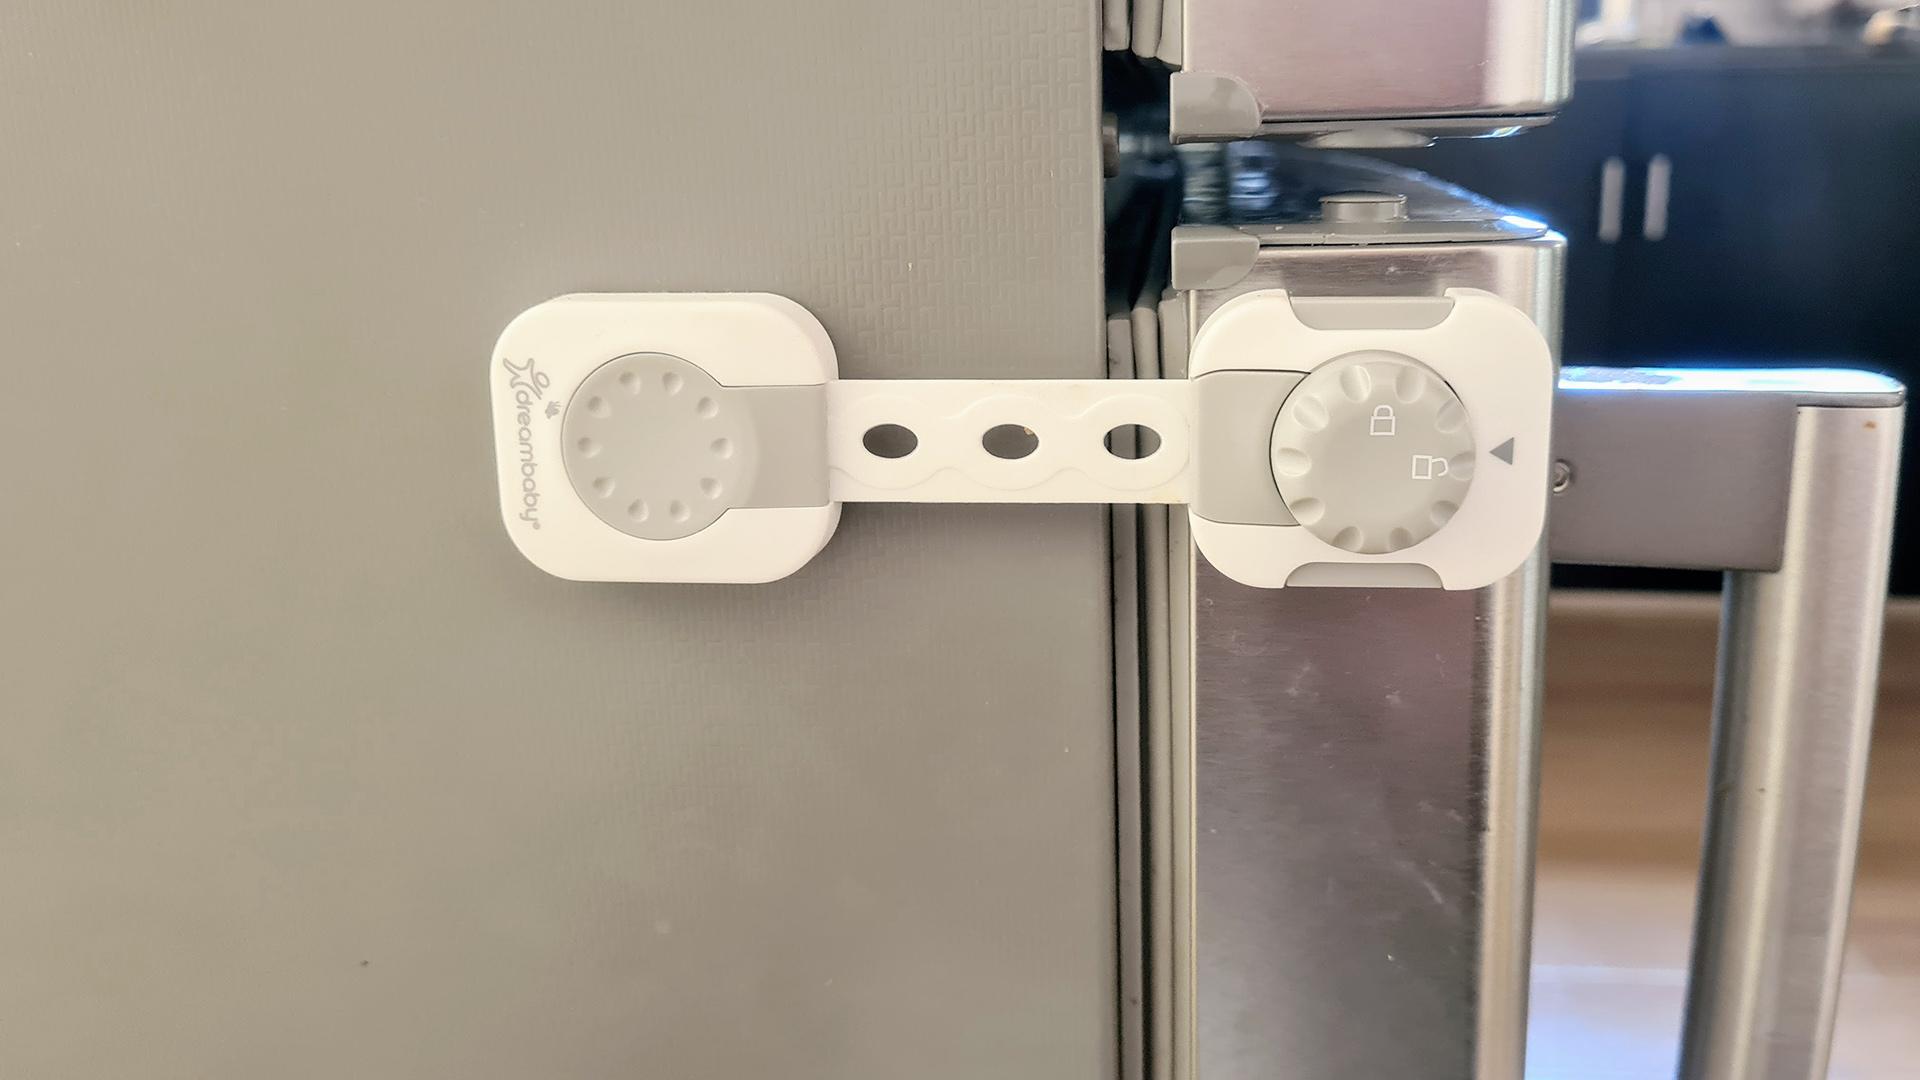 Multi Purpose Lock Feature